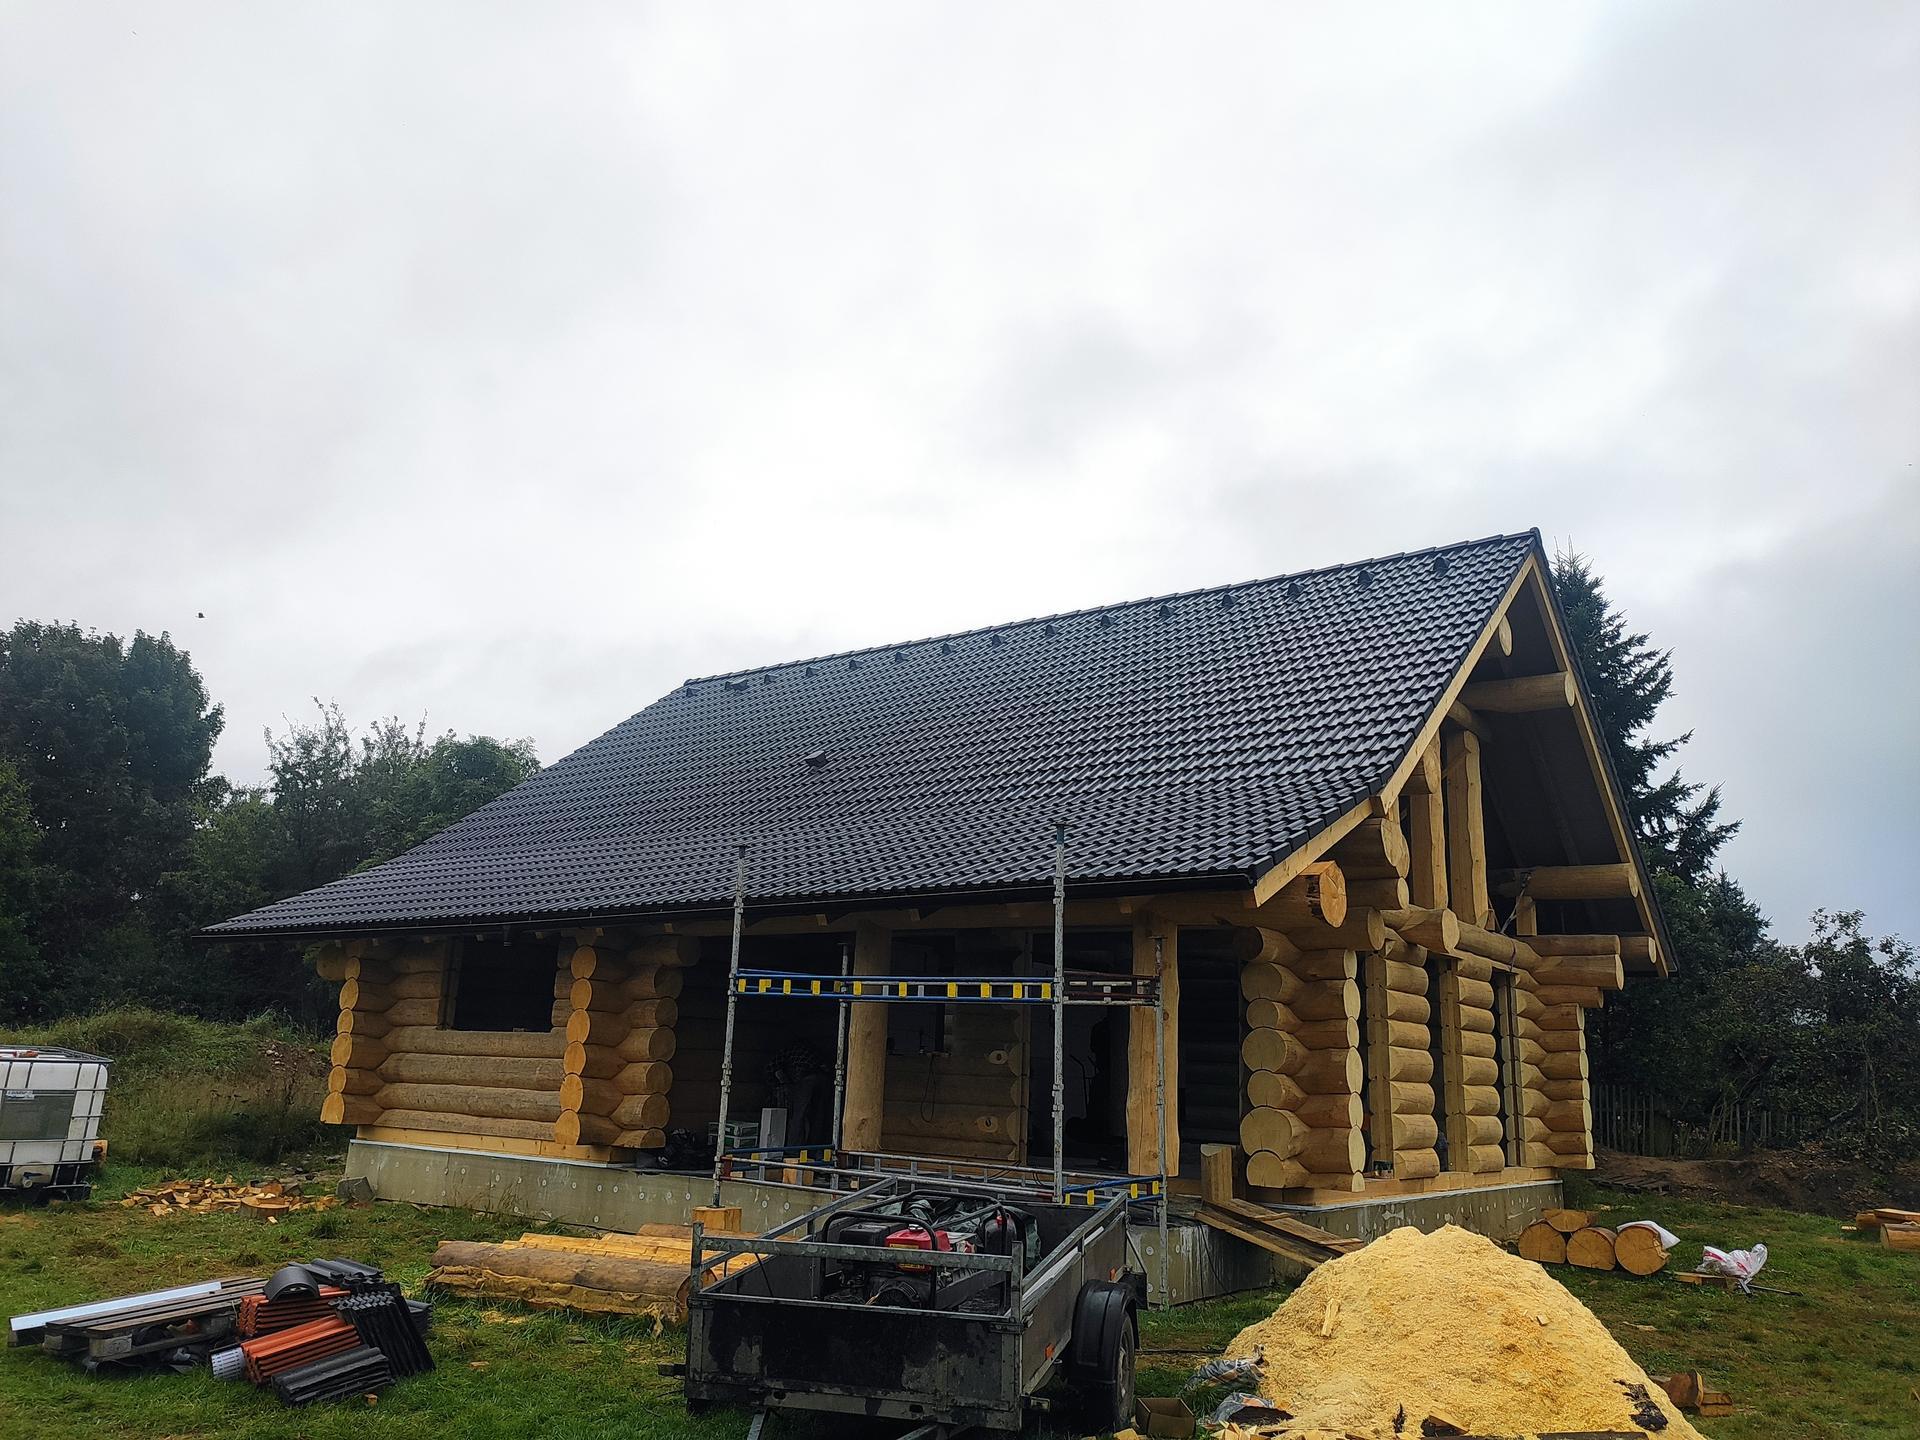 Nečekat na výrobu oken ,bydlíme.do Vánoc 😀 do střechy přijde ještě jedno okno a komín samozřejmě:) - Obrázek č. 3